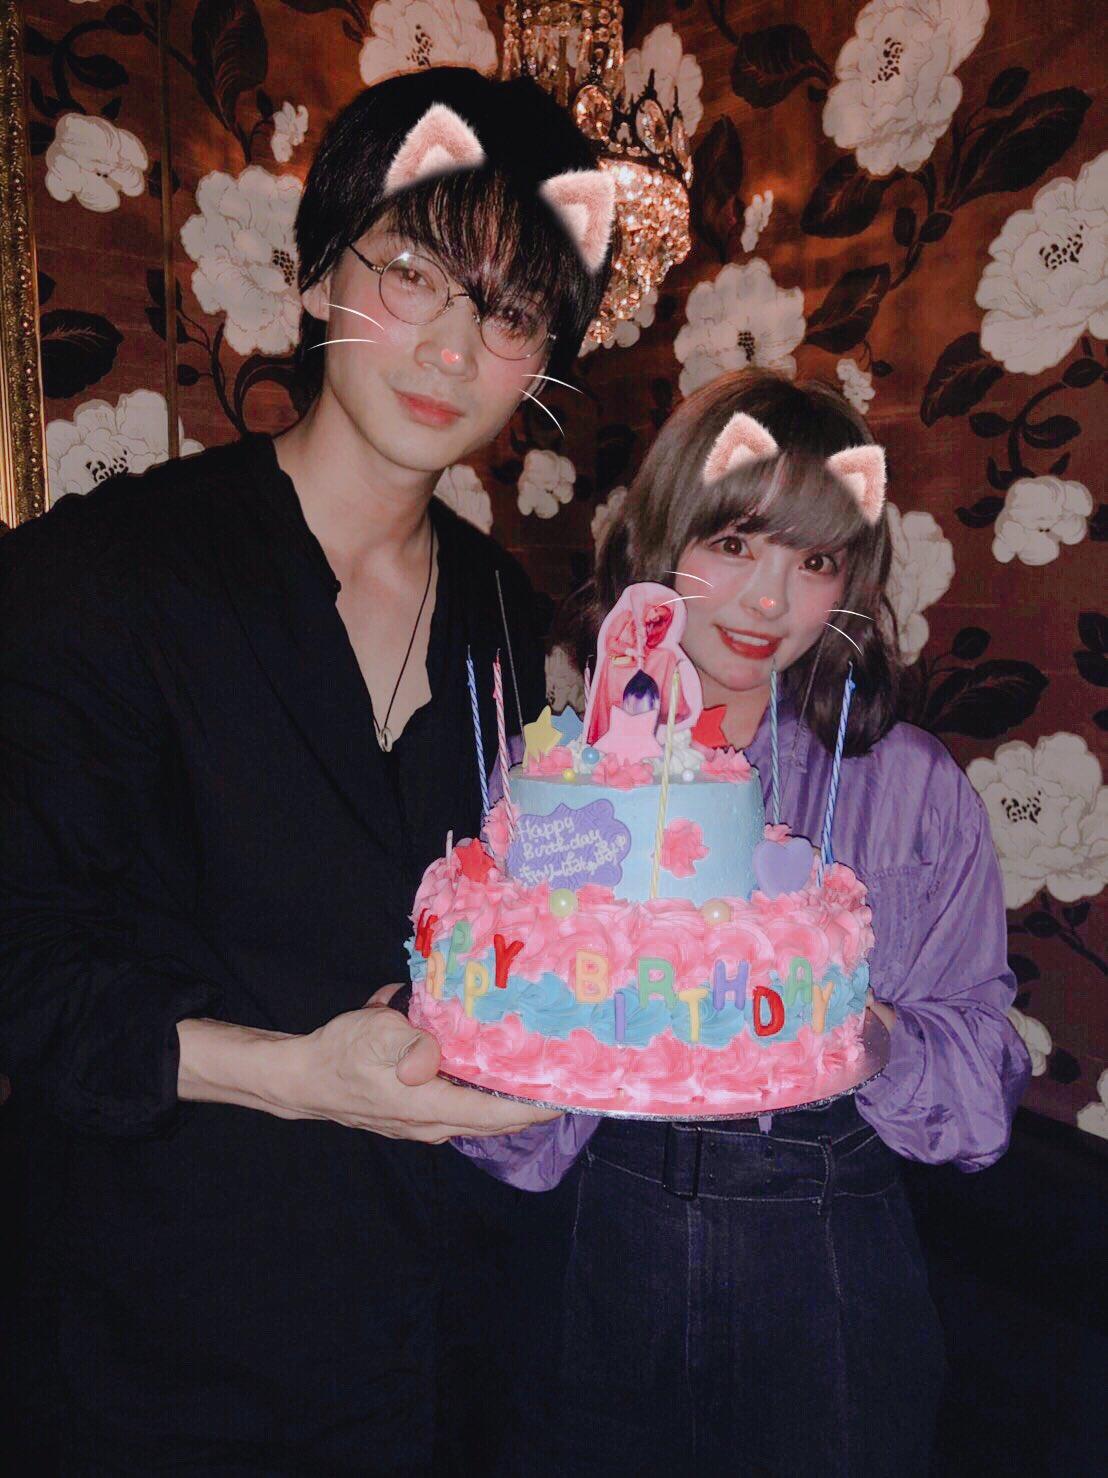 【画像】きゃりーぱみゅぱみゅのお誕生日会メンバーwww